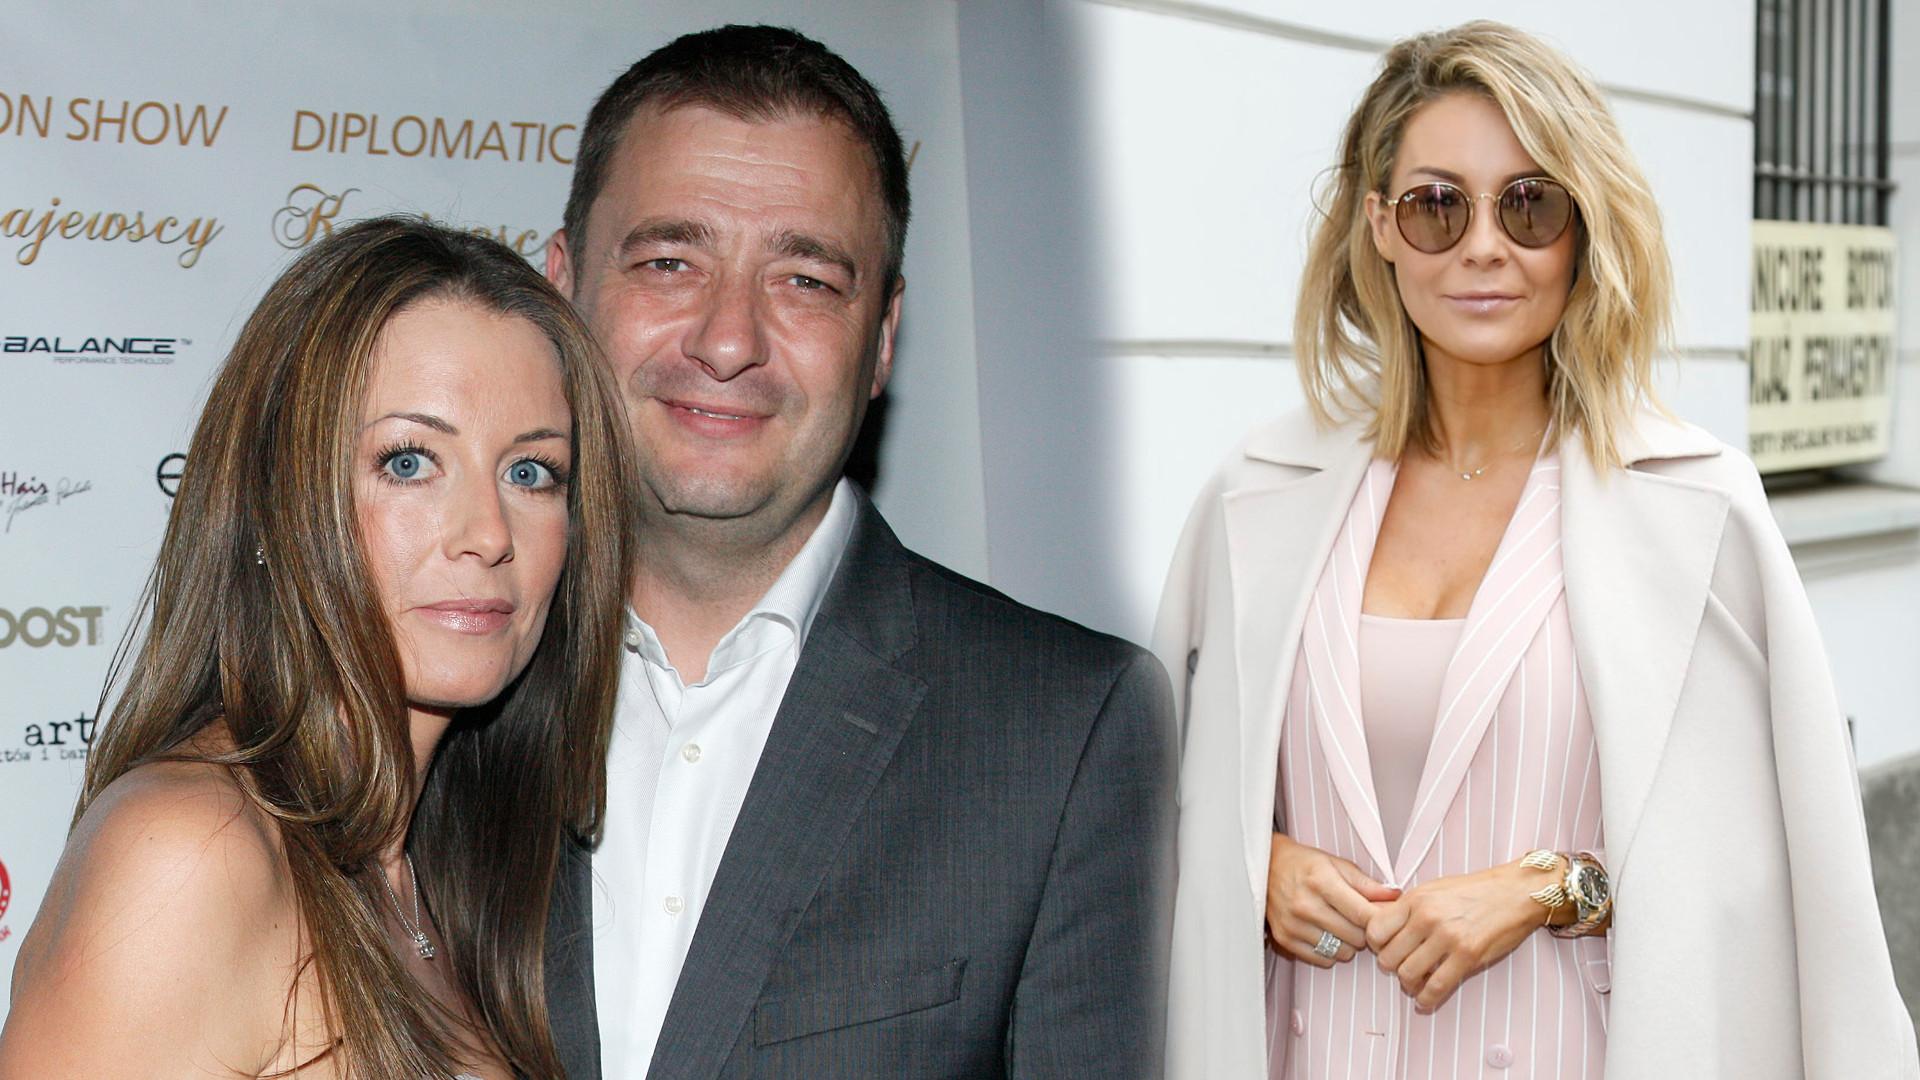 Dlaczego Małgorzata Rozenek-Majdan rozwiodła się z mężem? Gwiazda odpowiedziała!